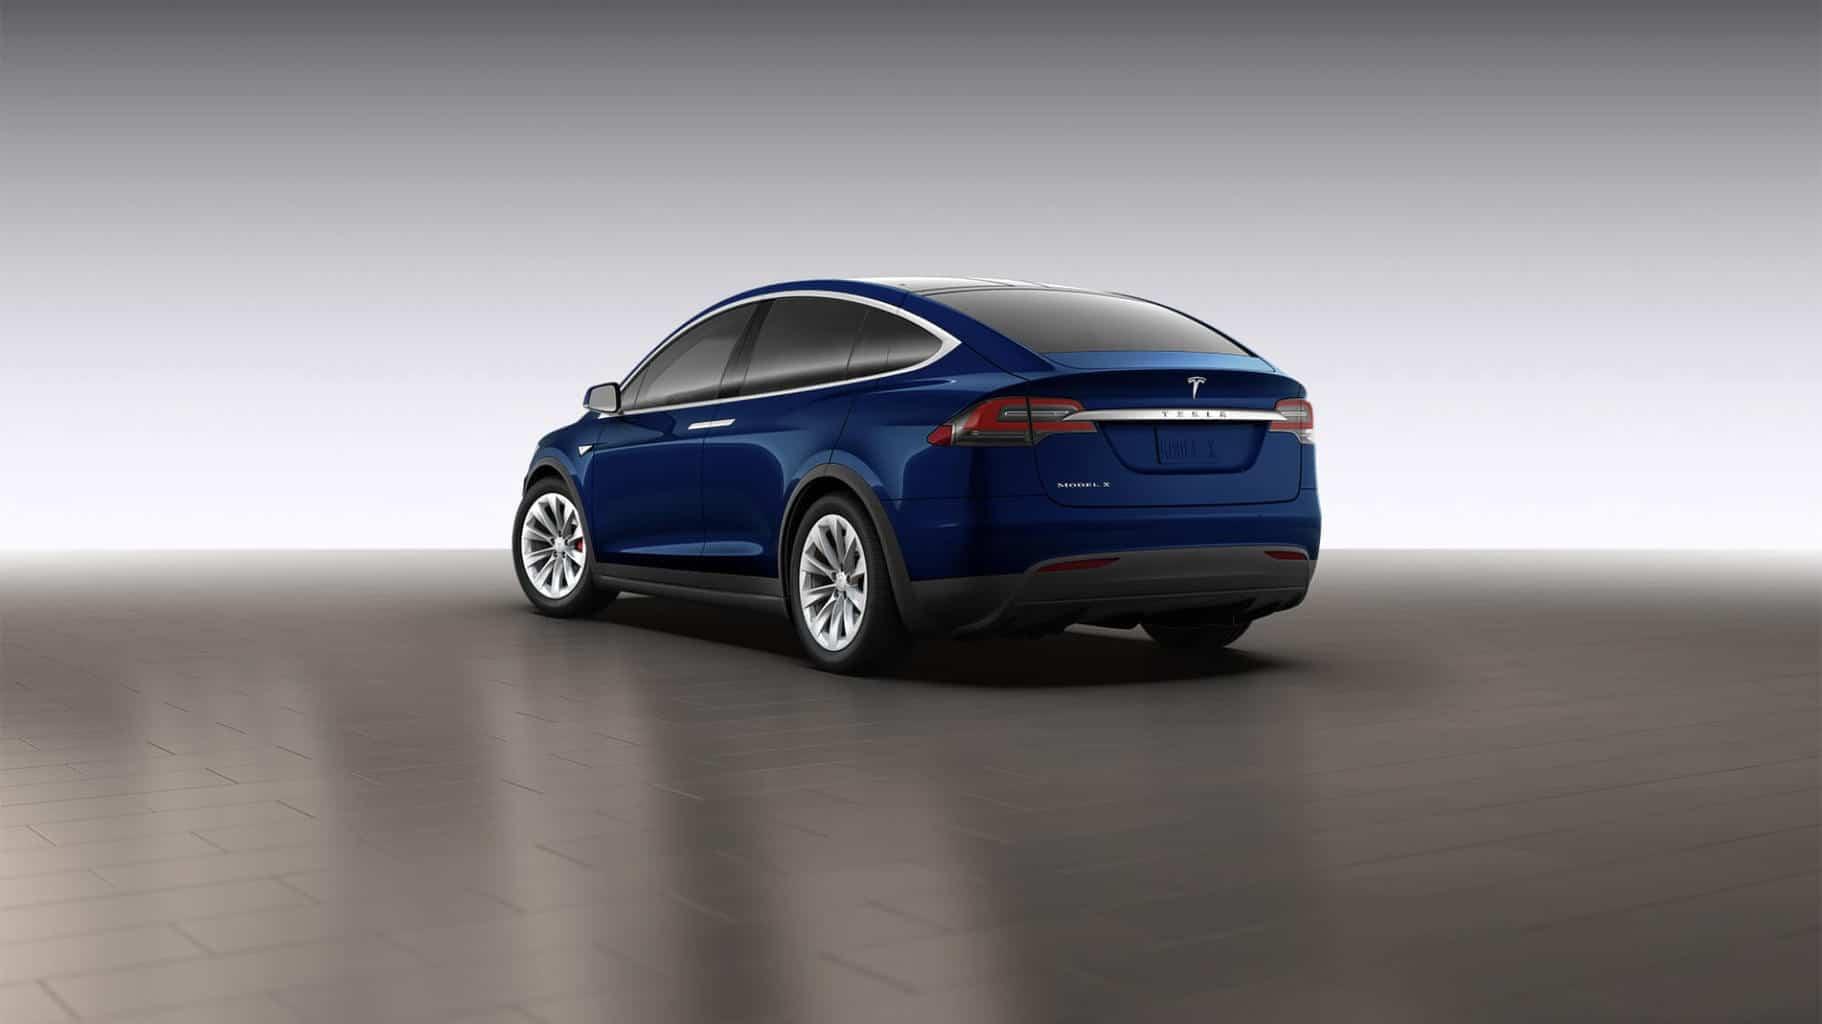 Tesla Motors, Inc (TSLA) Model X with 250 mile range